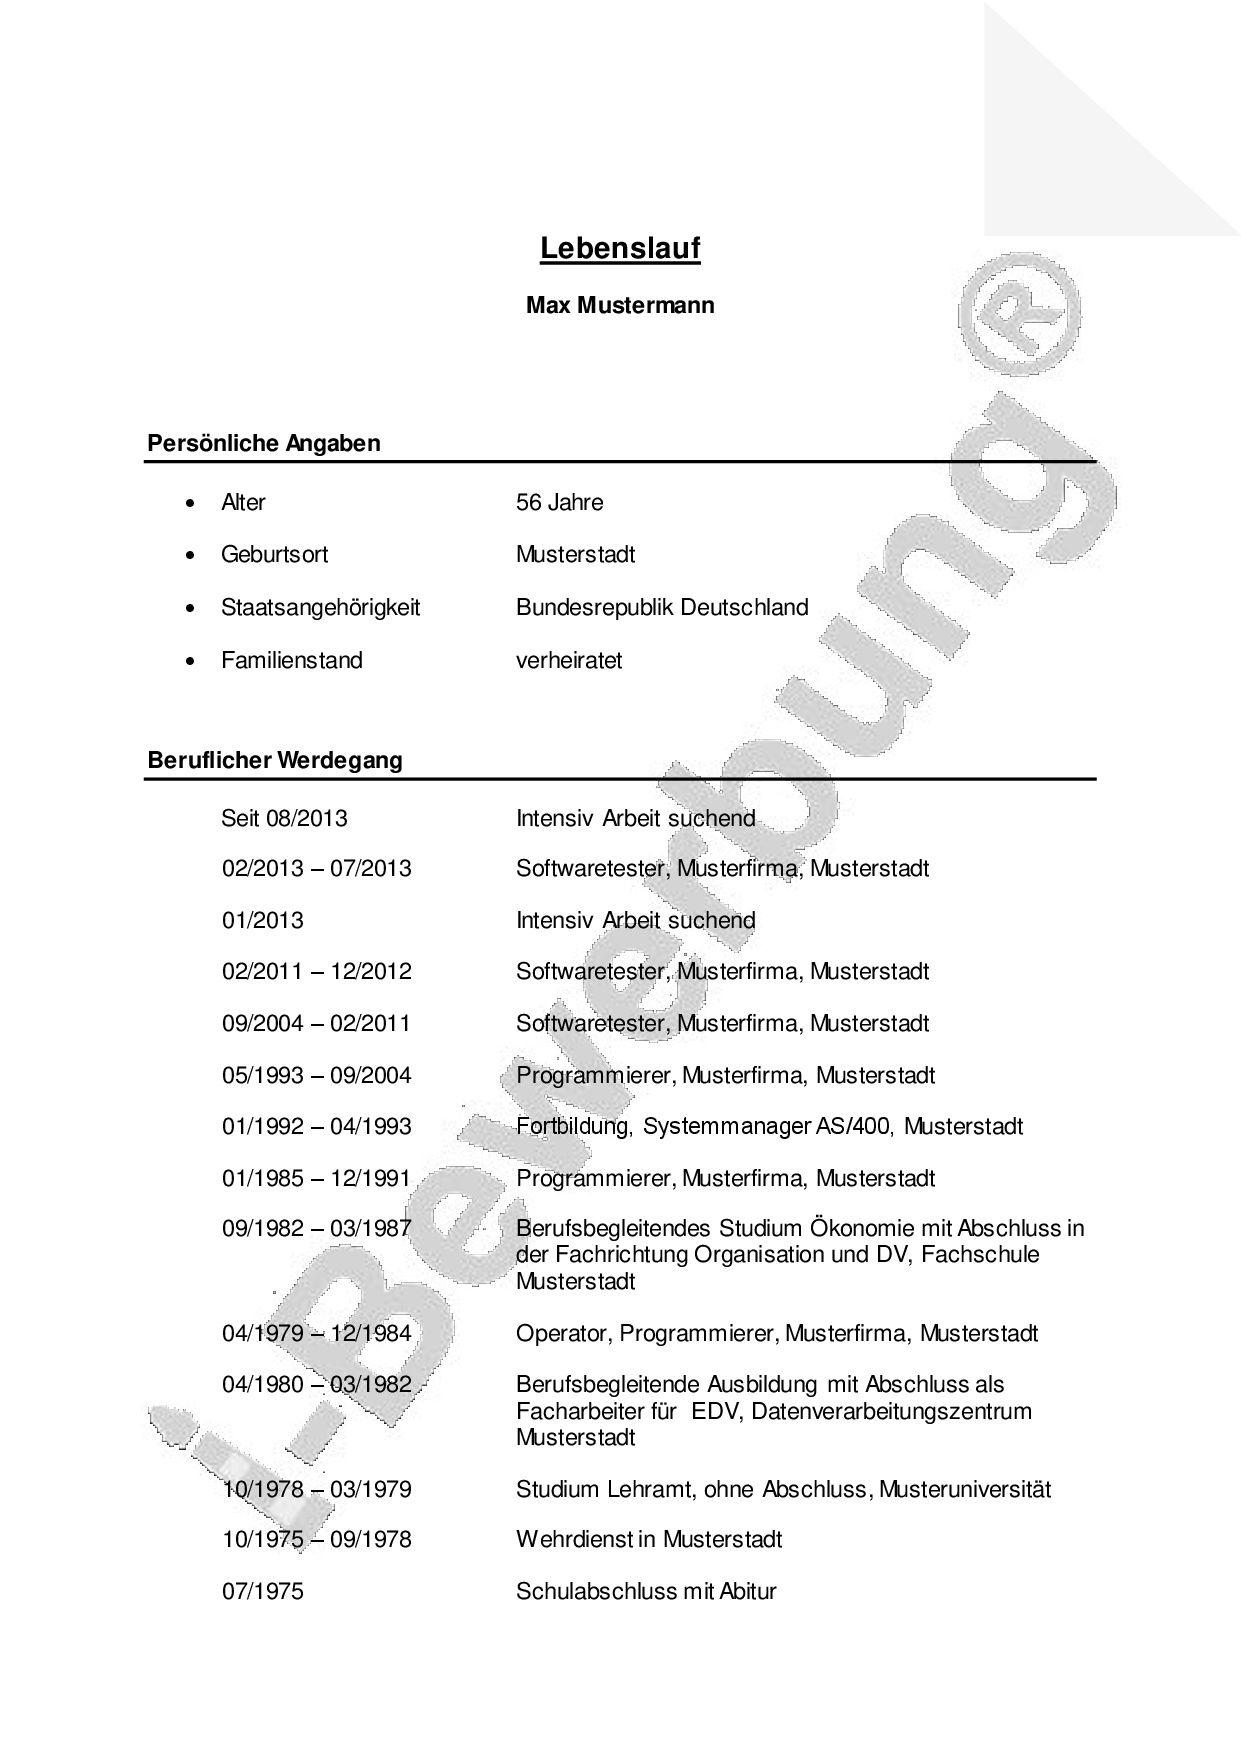 Fein Lebenslauf Vorlage Mehrere Berufsbezeichnungen Ideen - Entry ...